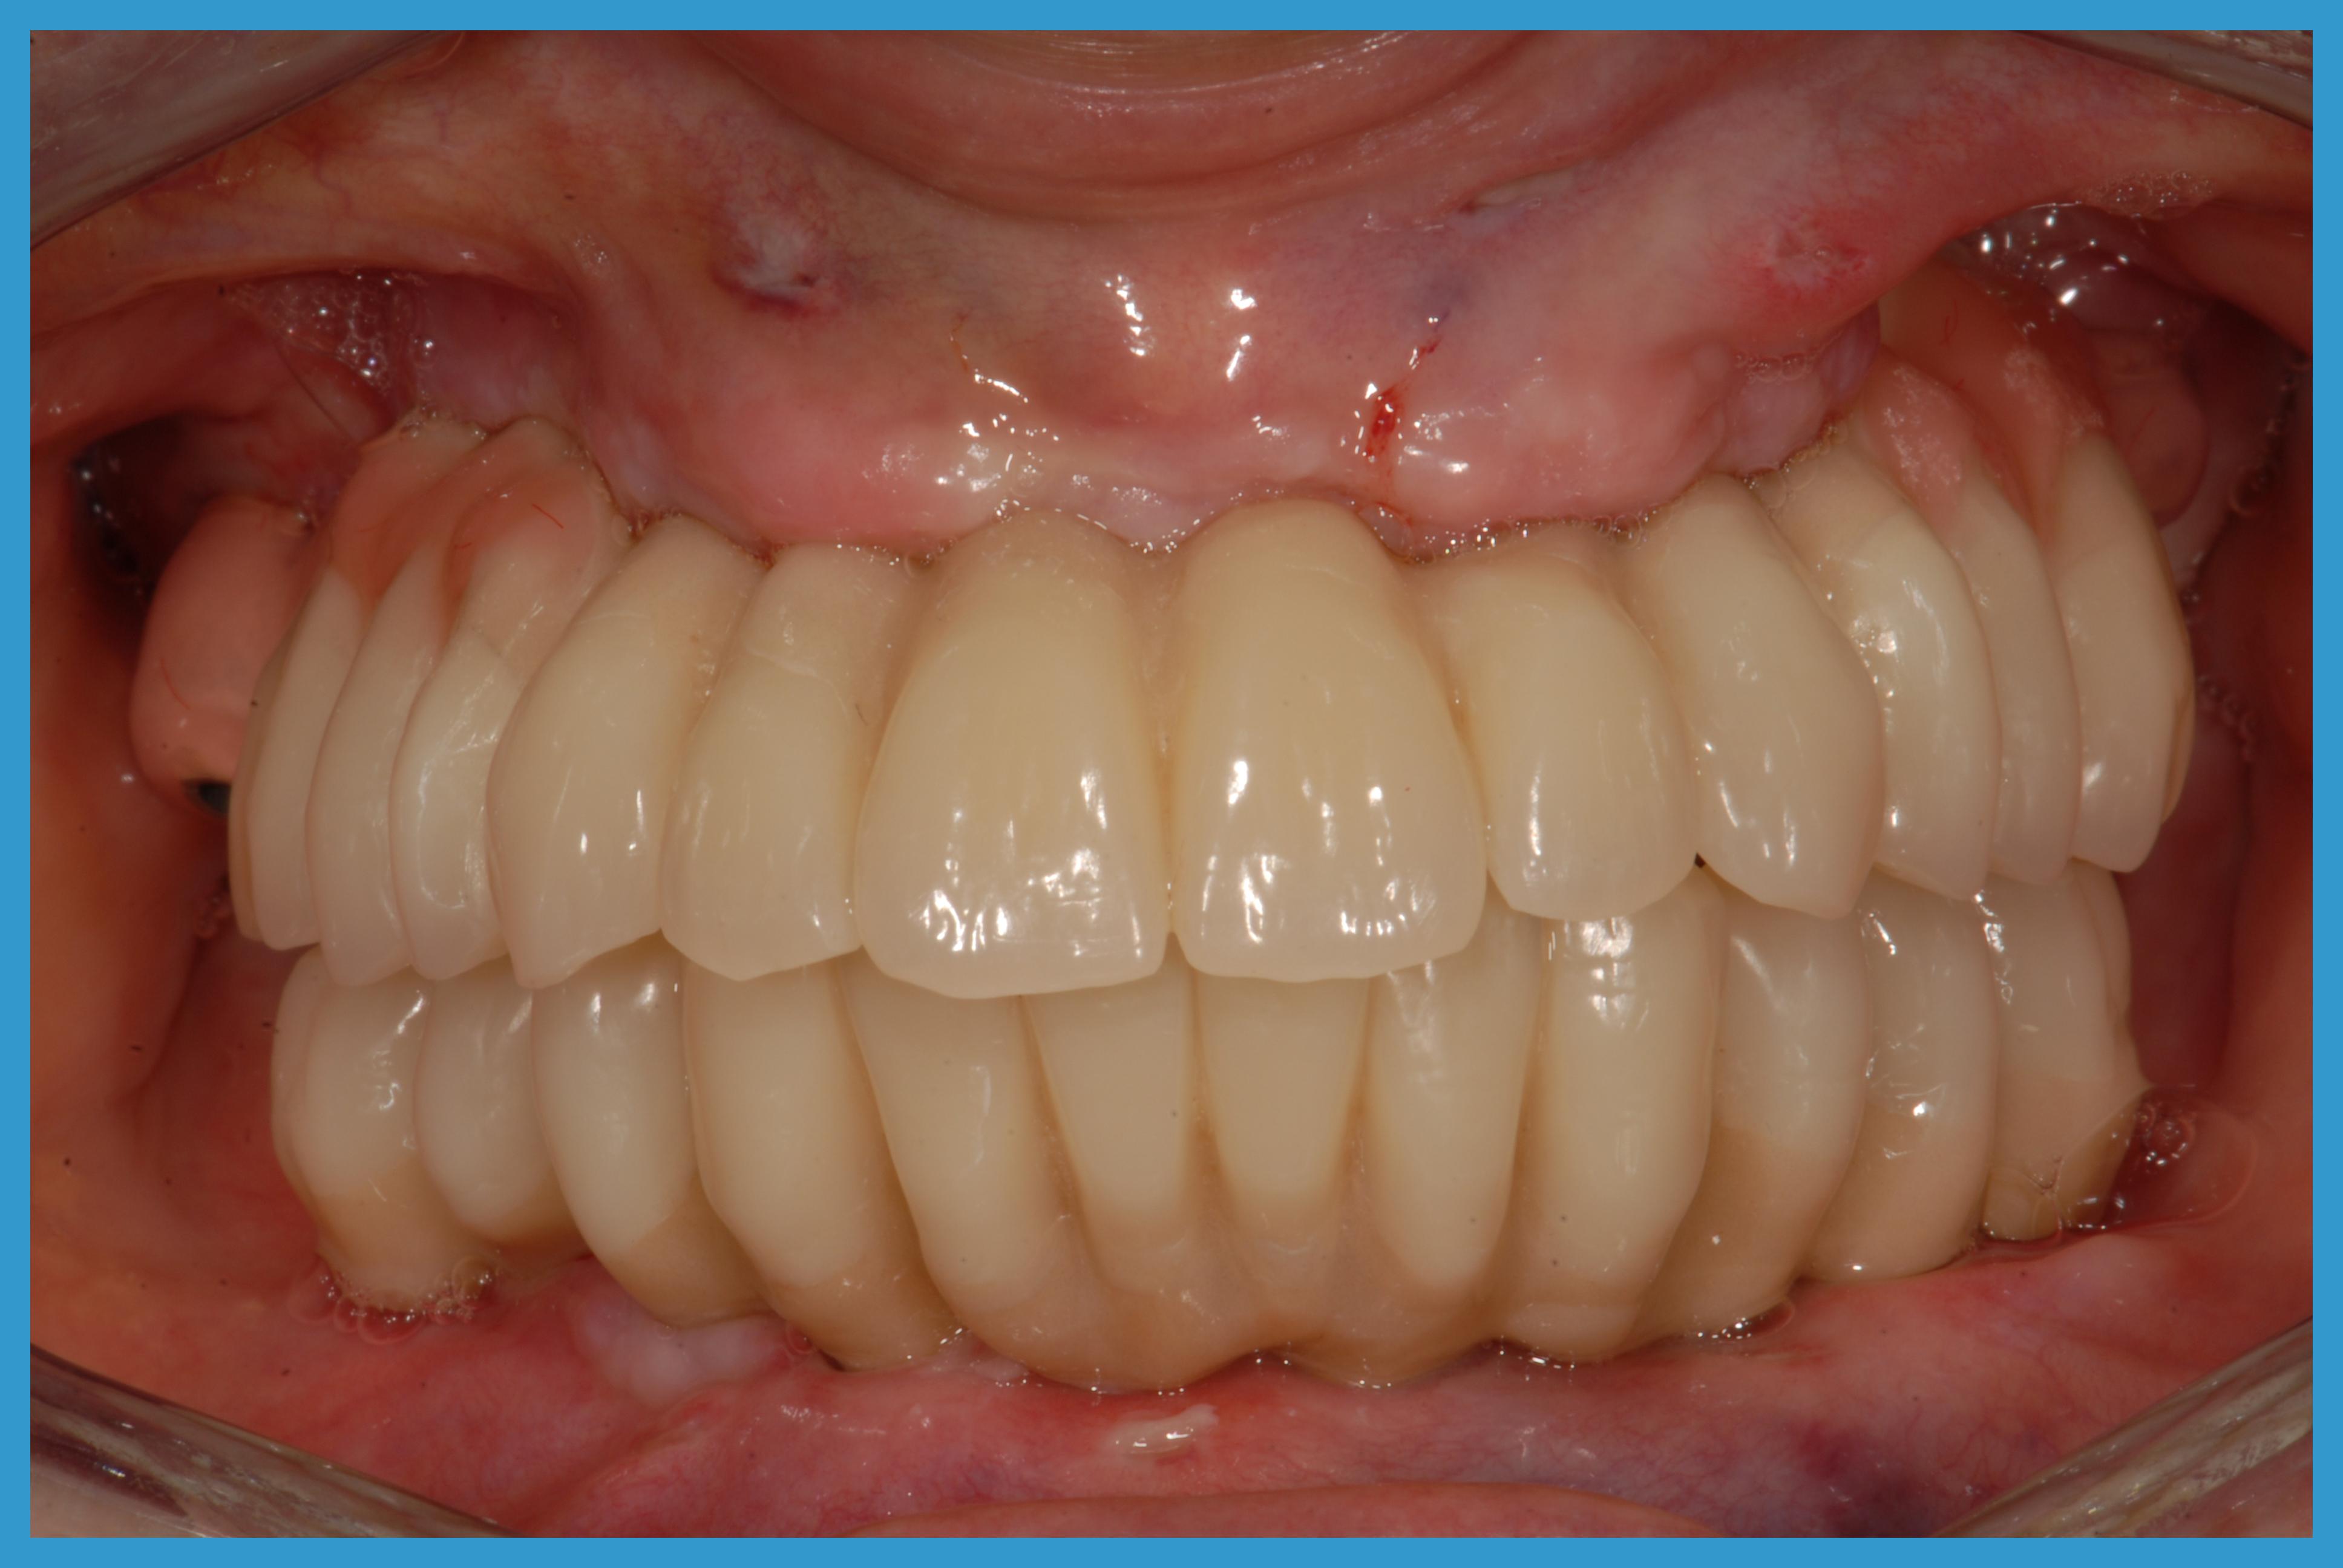 7 riabilitazioni  alloggiate nel cavo orale subito dopo l'intervento